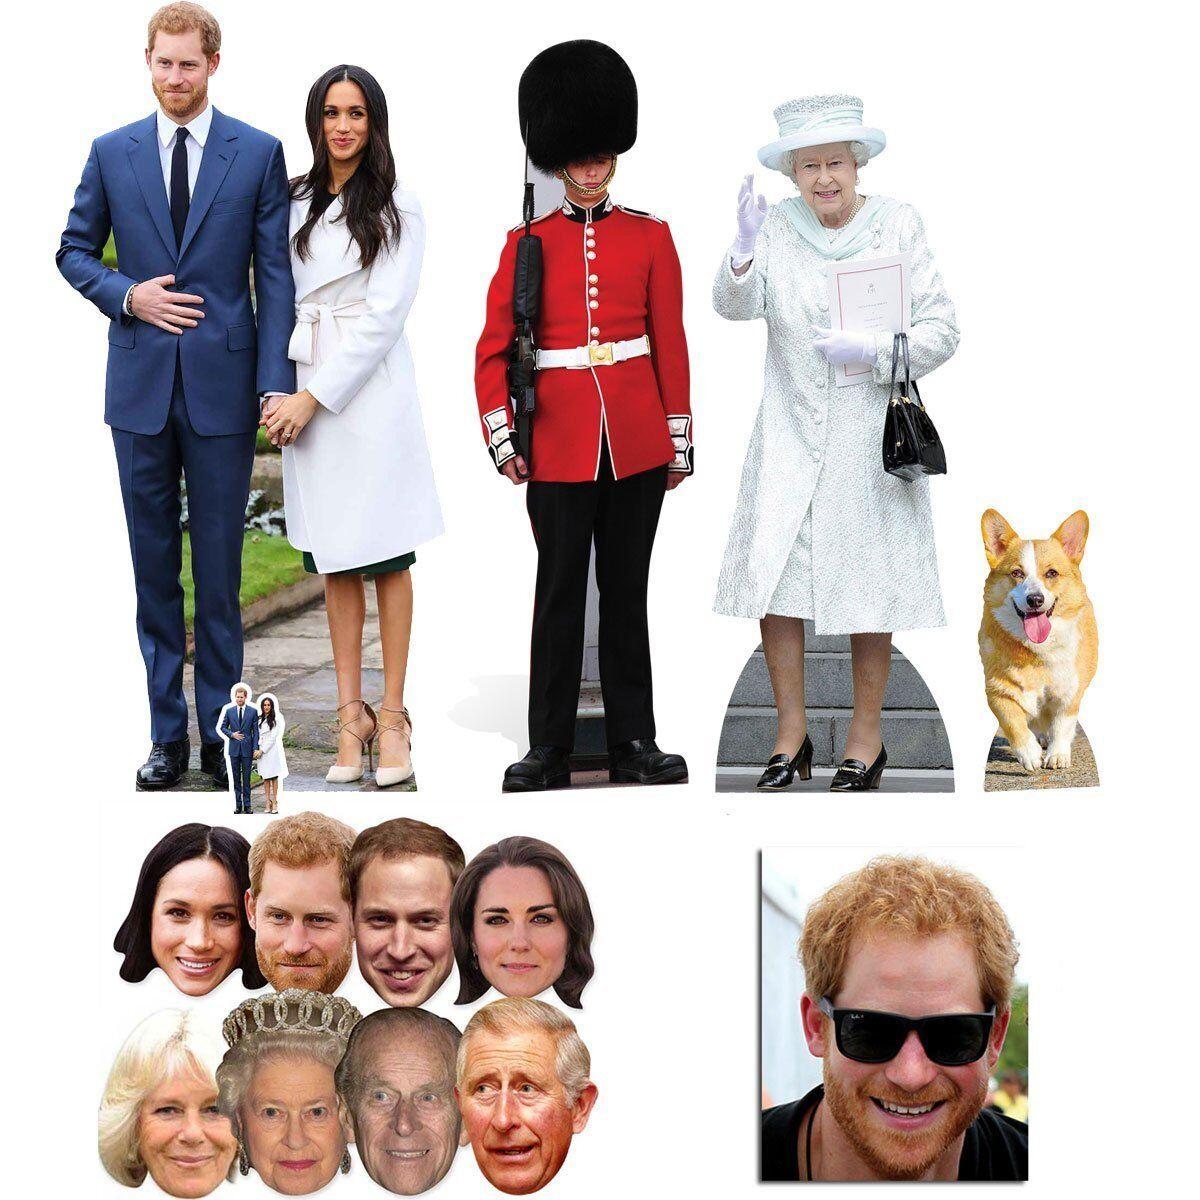 Mariage Royal Prince Harry & Meghan Markle découpe en carton & masque doré